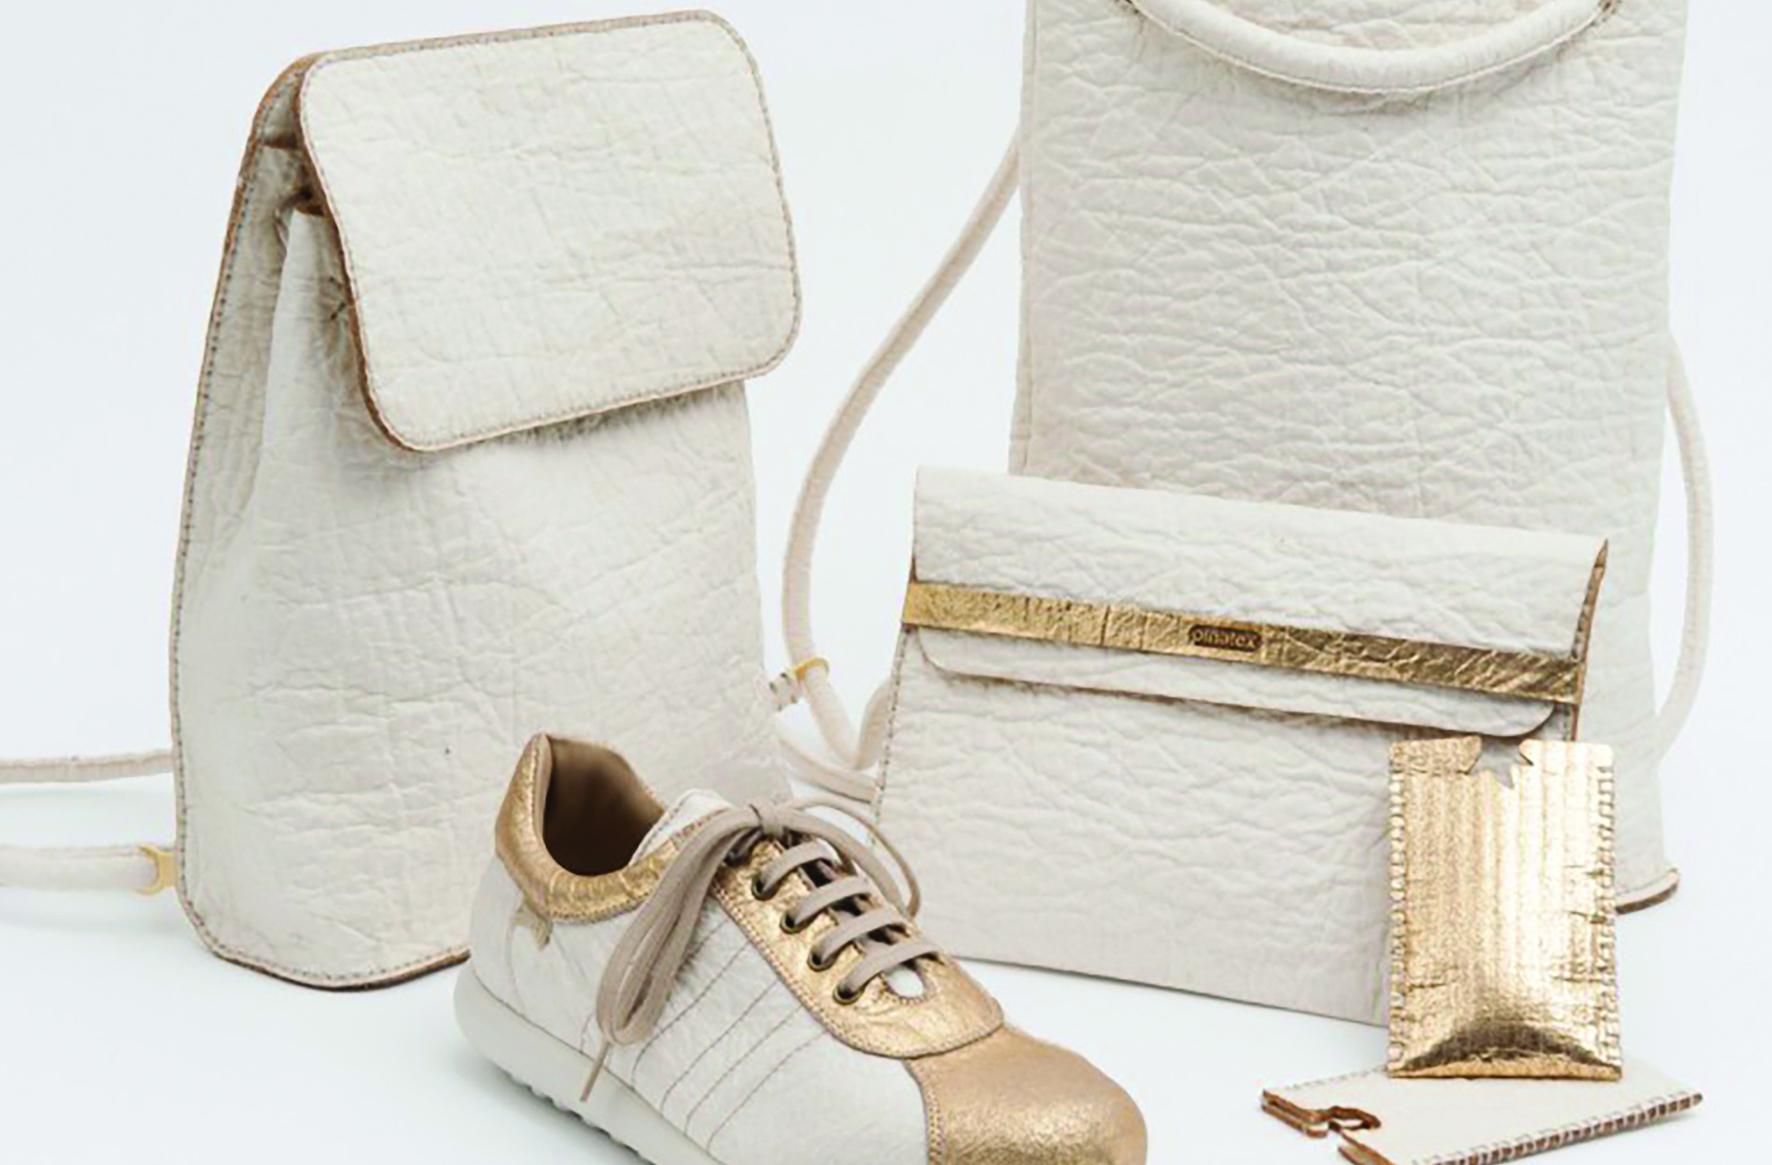 Các hãng thời trang nổi tiếng đang thiết kế nguyên mẫu và sản phẩm từ Piñatex. Nguồn: dezeen.com